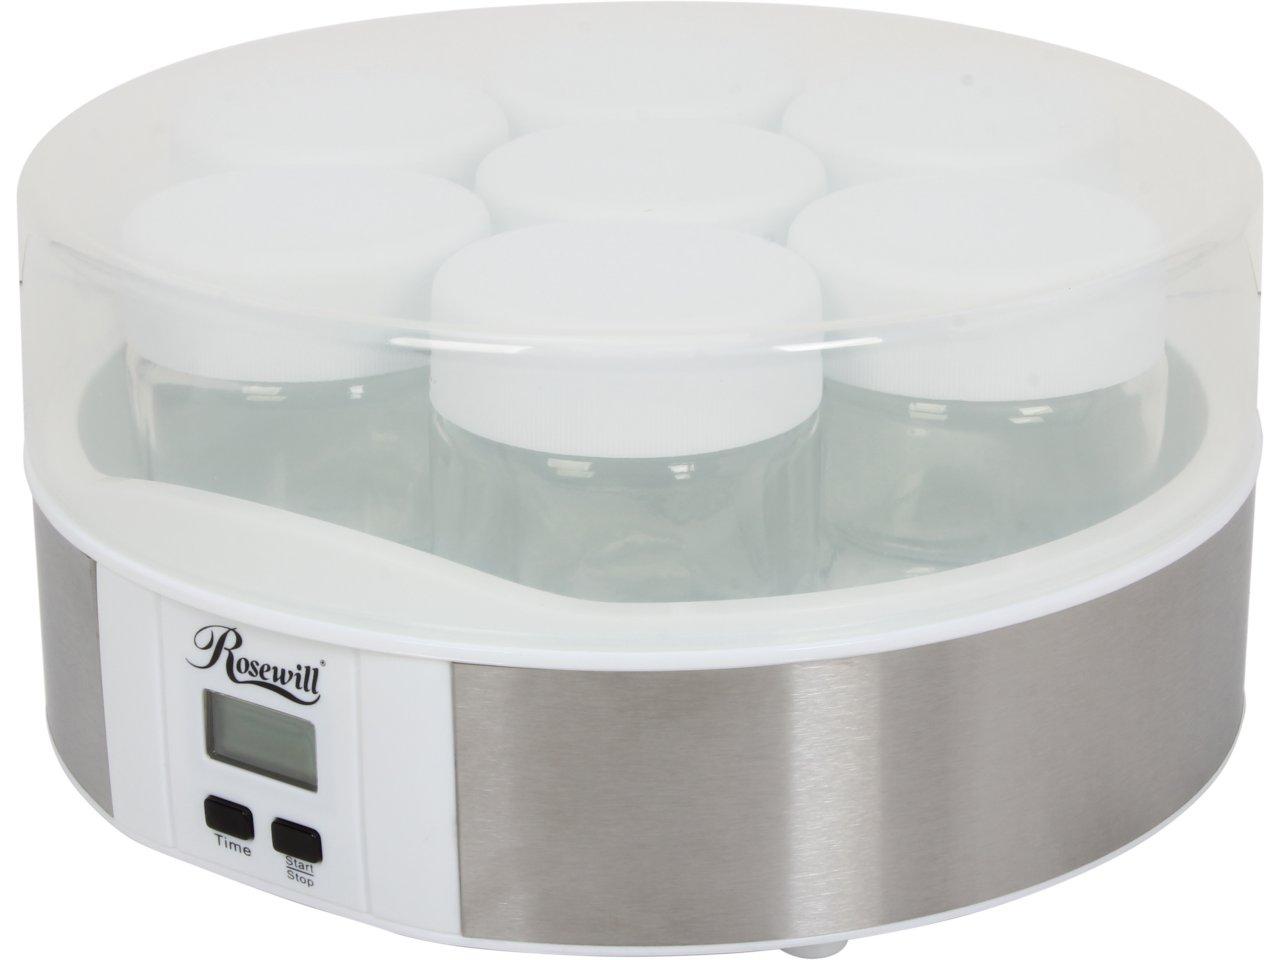 Rosewill 7 Glass Cups Digital Yogurt Maker (RHYM-13001) for $9.99 AR + Free Shipping @ Newegg.com